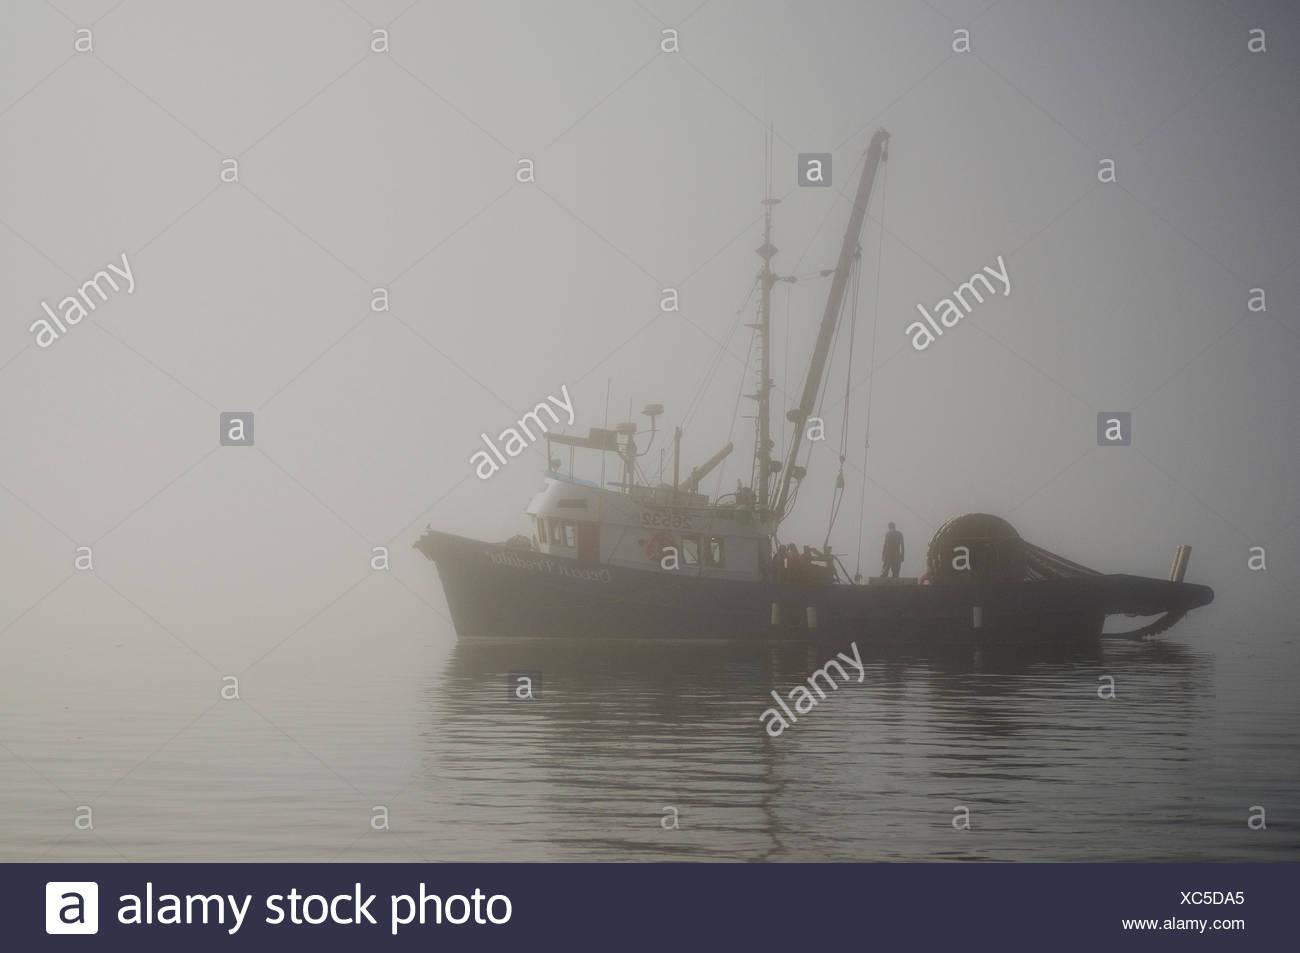 Bateau de pêche, le détroit de Johnstone, l'île de Vancouver, Colombie-Britannique, Canada. Photo Stock